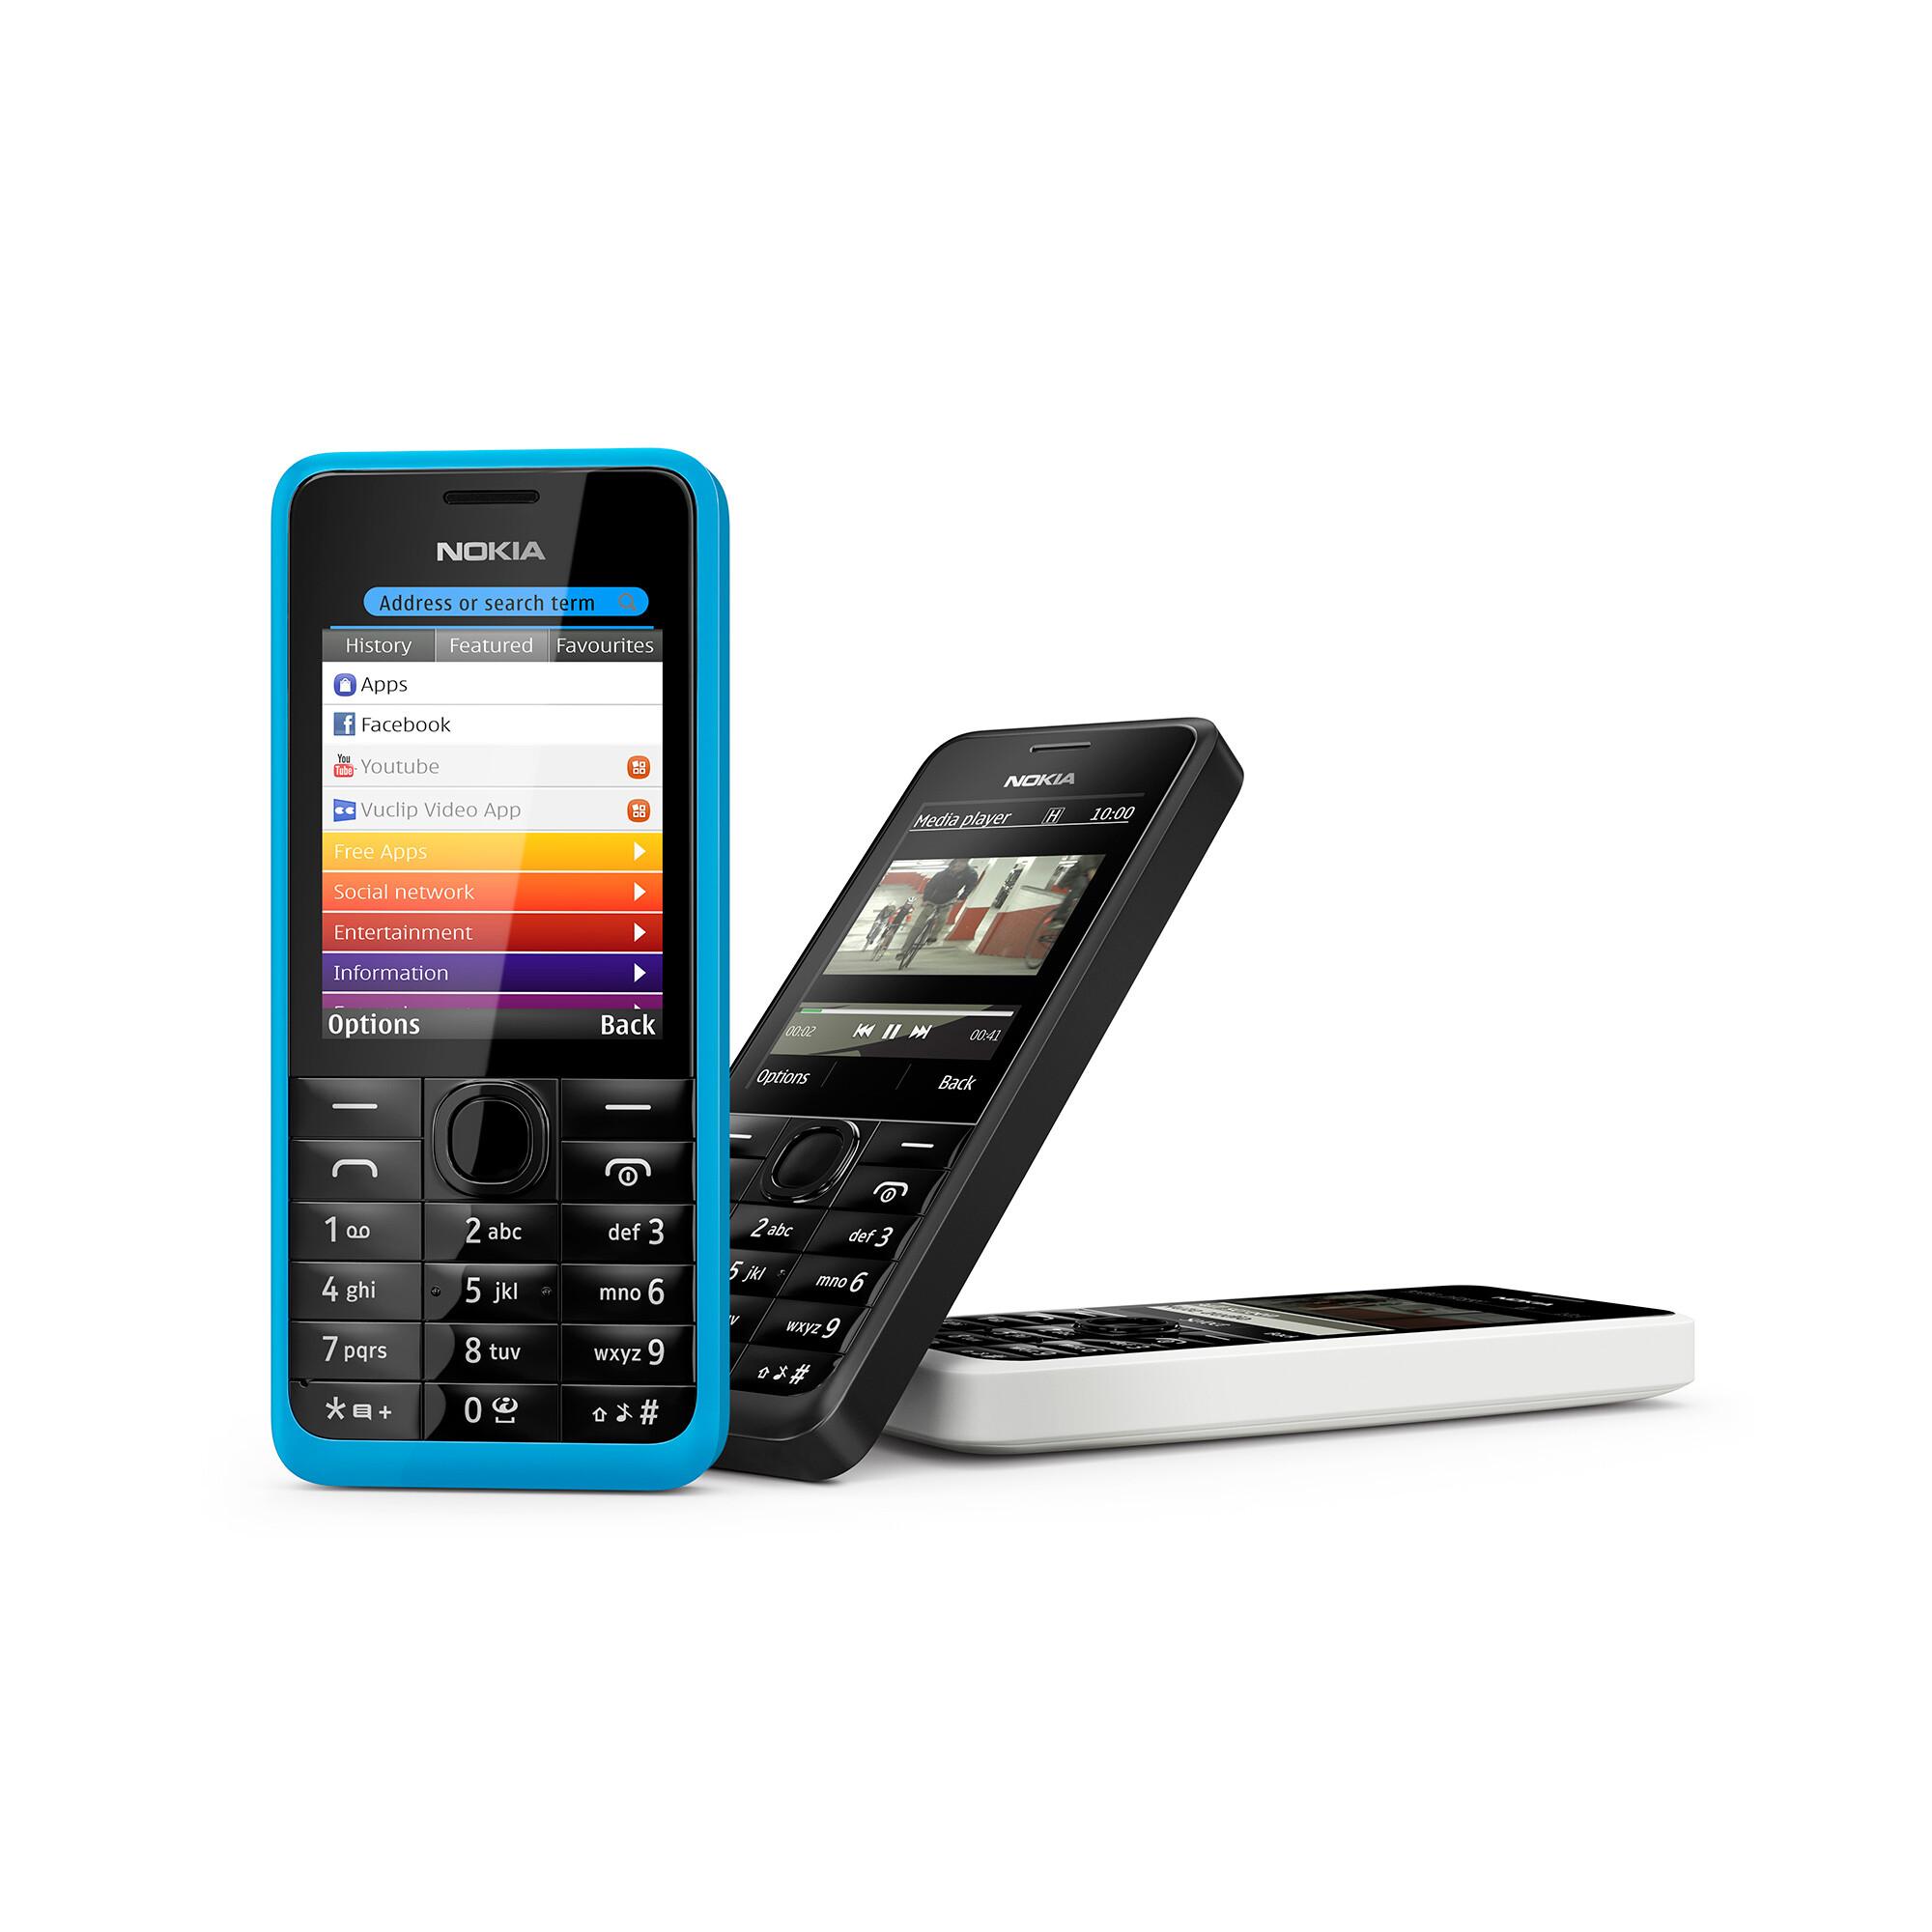 Nokia 301 specs